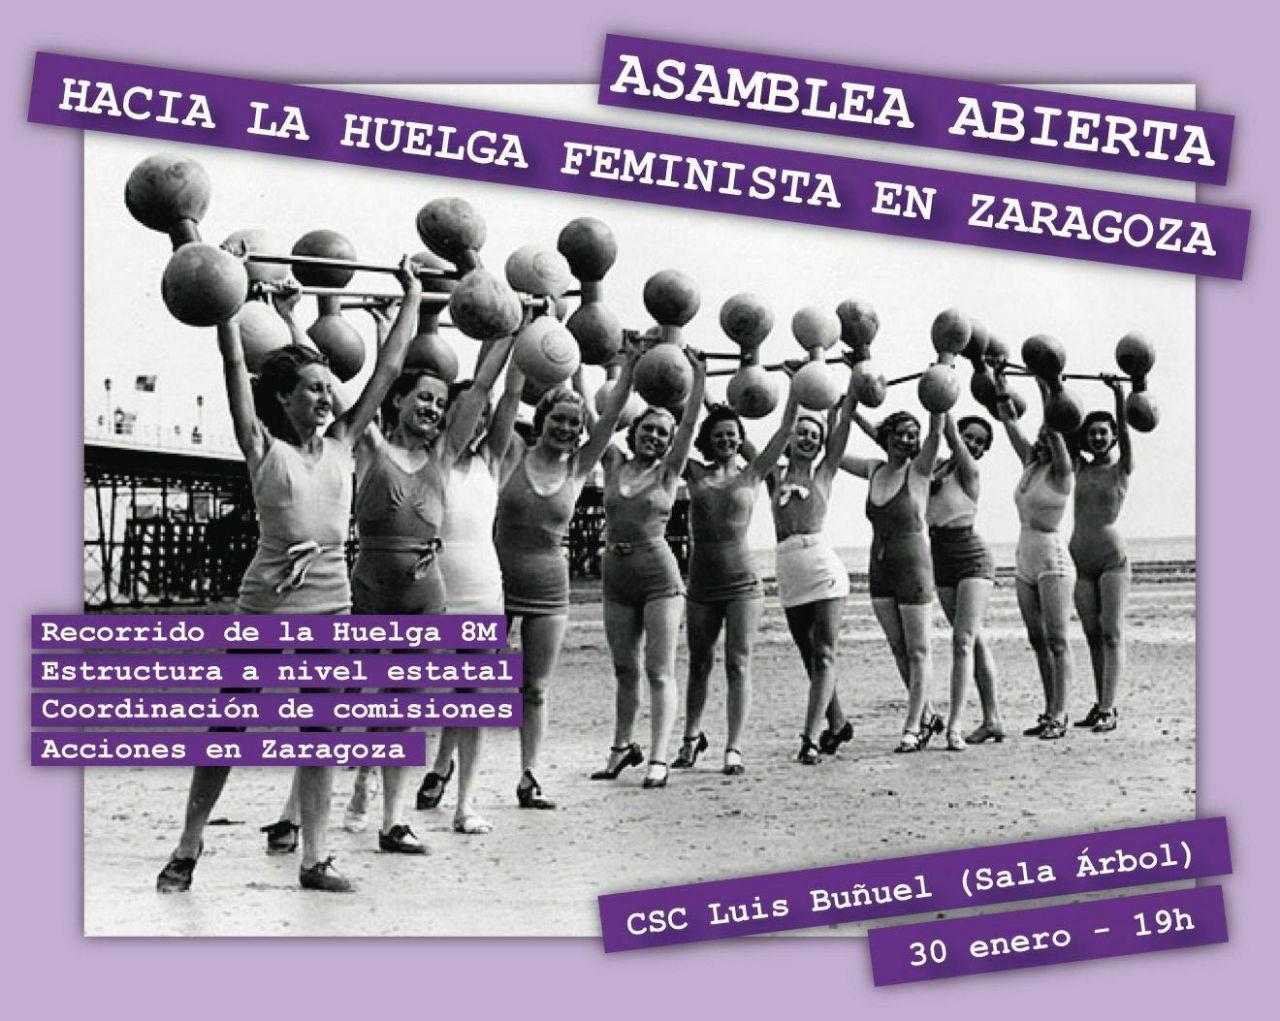 asamblea hacia la huelga feminista